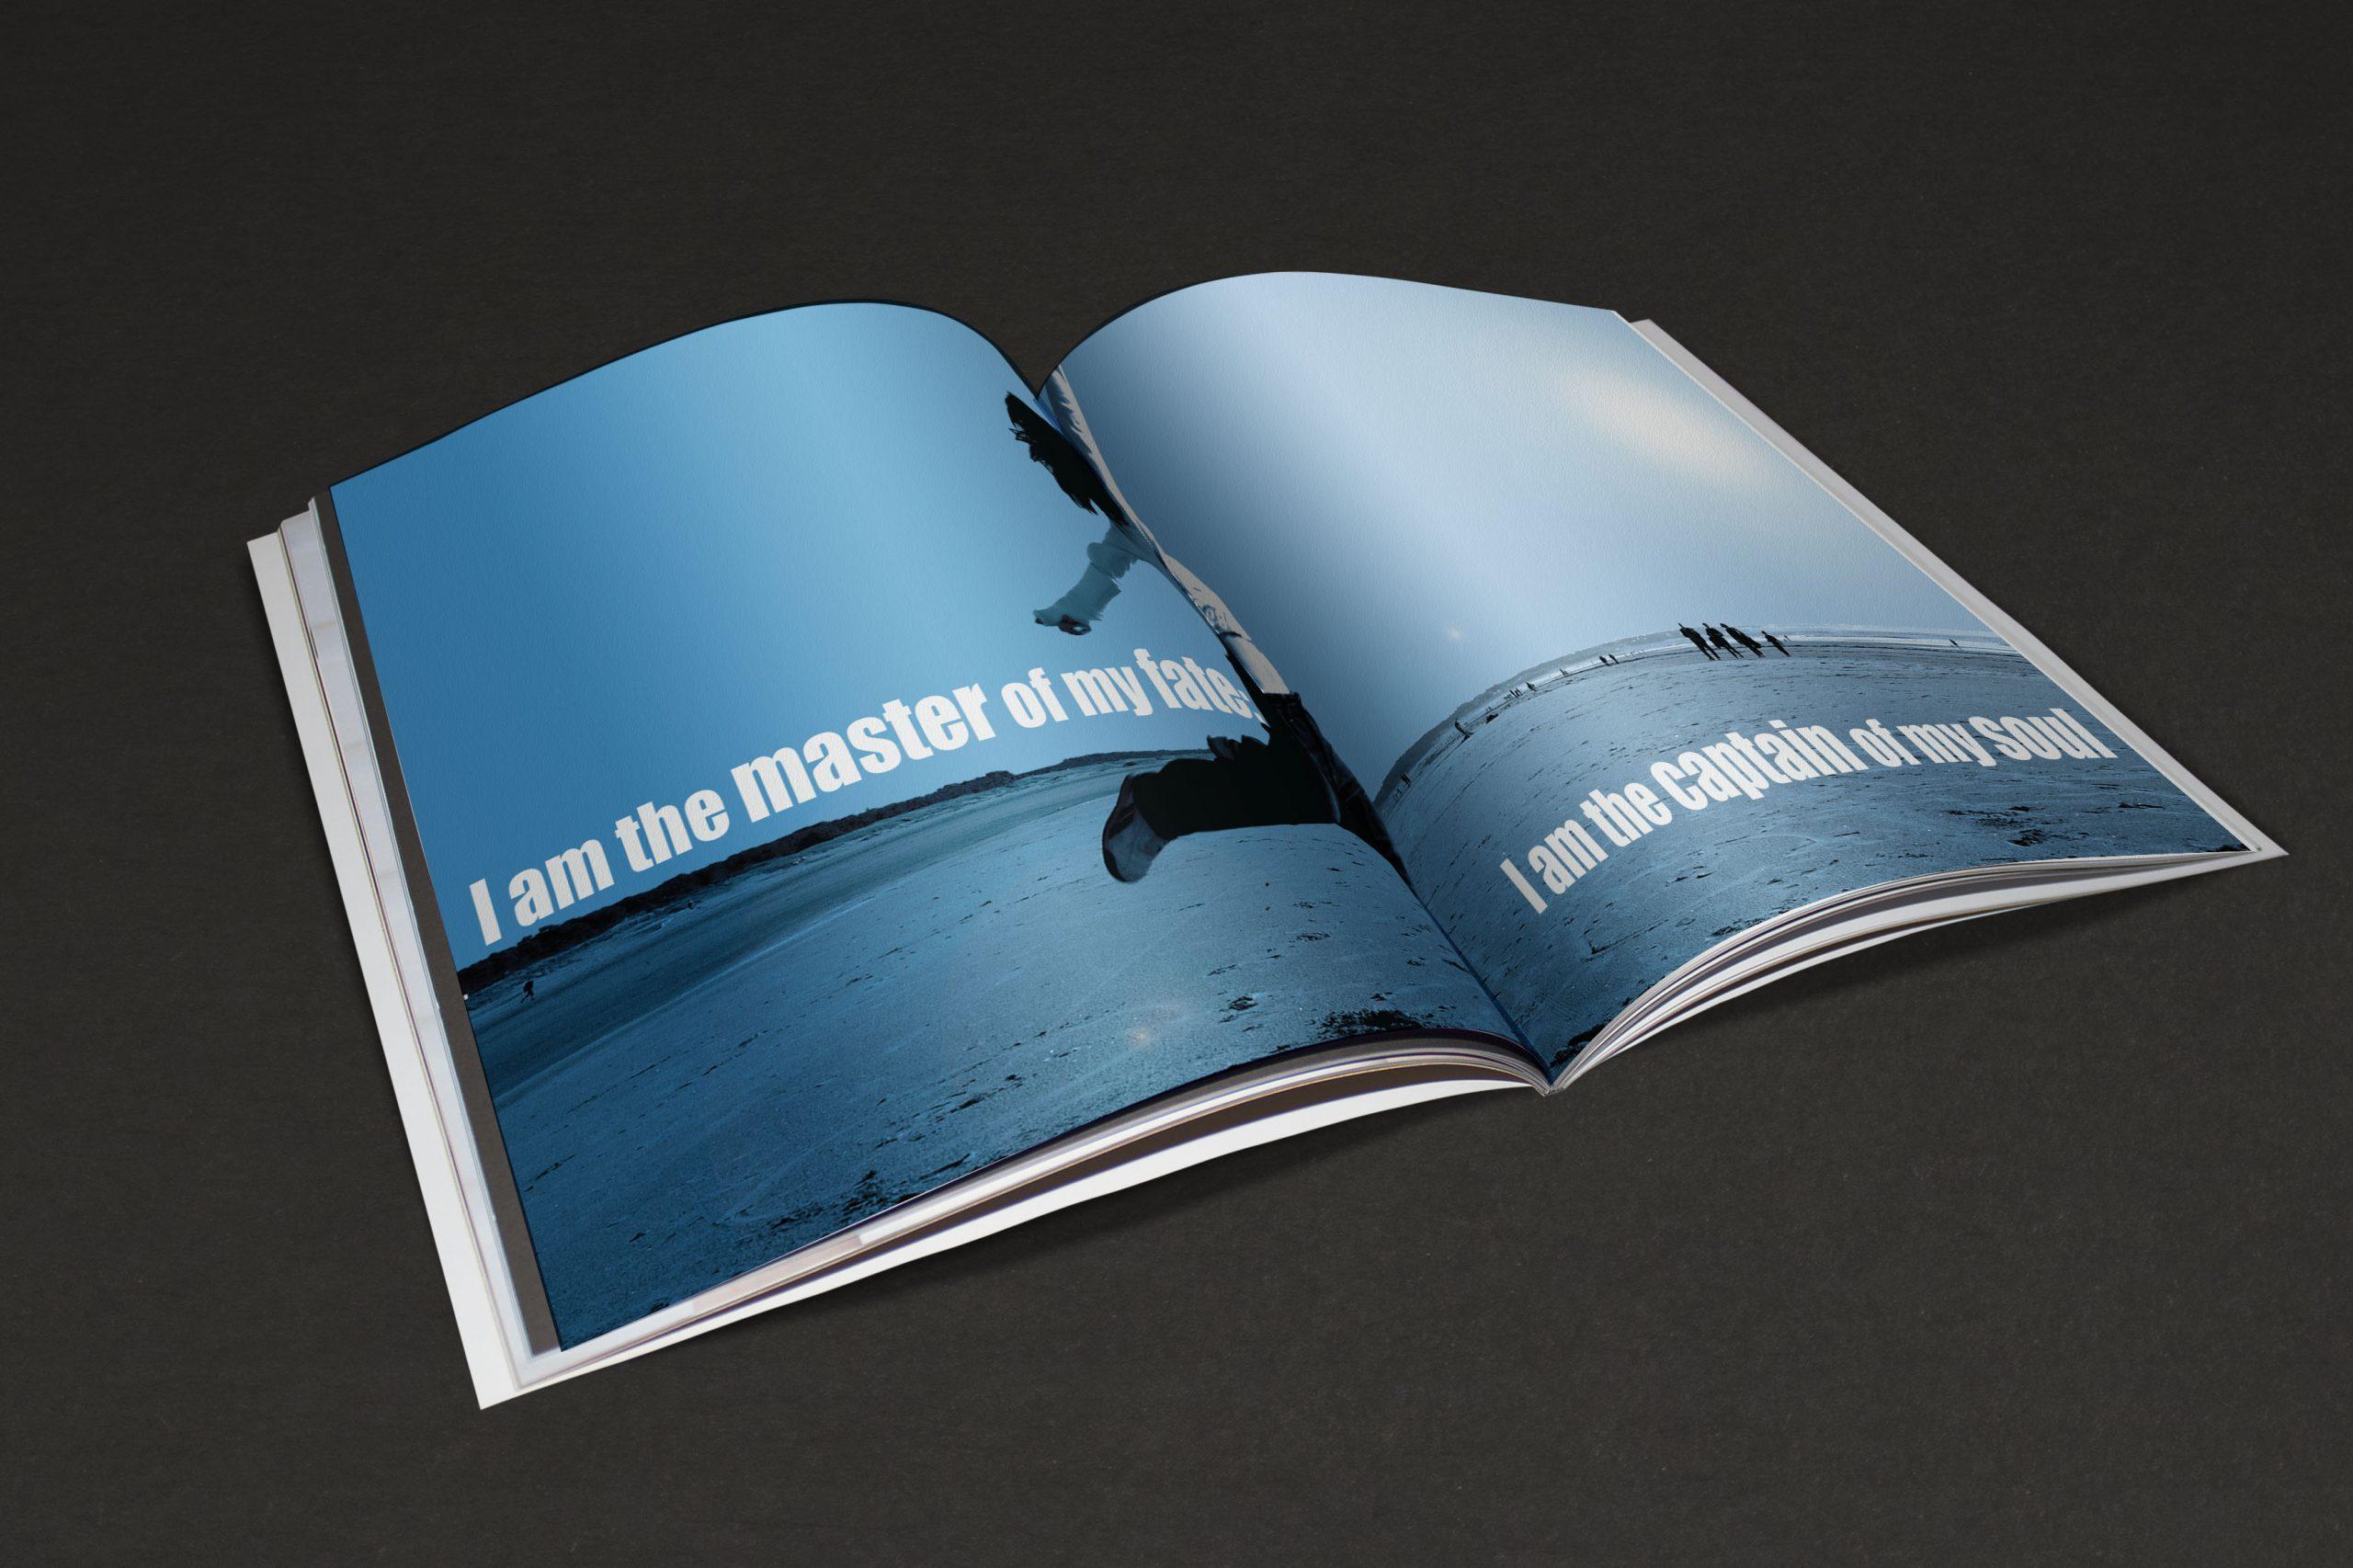 PROJET ESAT/ LEVIS FREEDOM Extrait du projet Levi's: «Levi's réinvente le bleu» Soirée événementielle au Palais de Tokyo : Levi's s'approprie le bleu contemporain. Réalisation d'un livre de design sur le bleu.